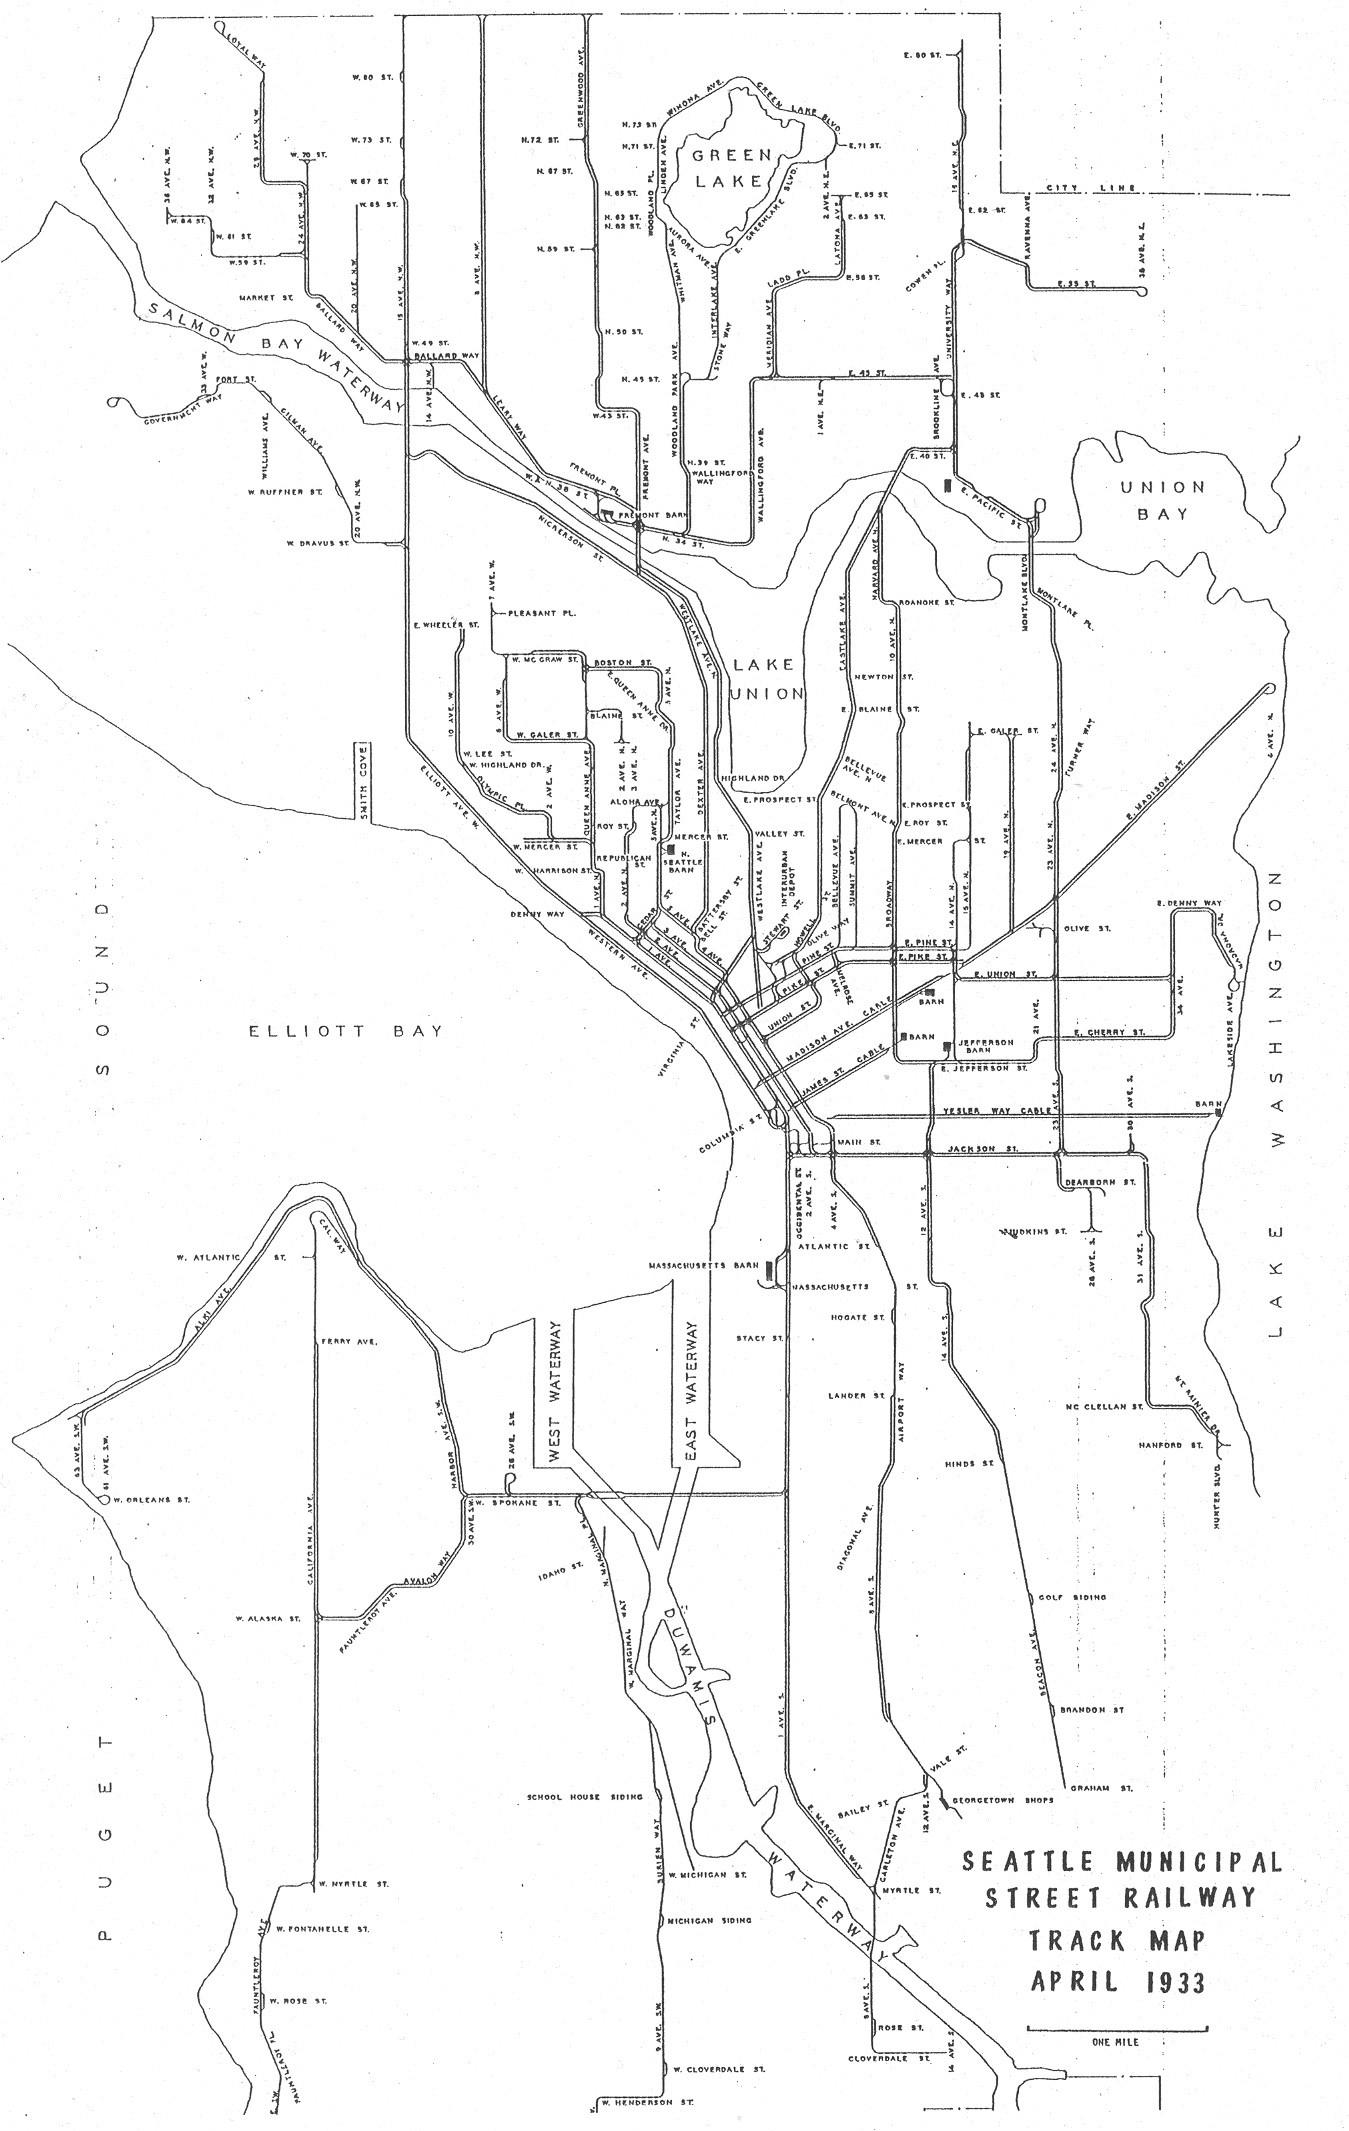 Seattle Municipal Street Railway Track Map South Lake Union Stories